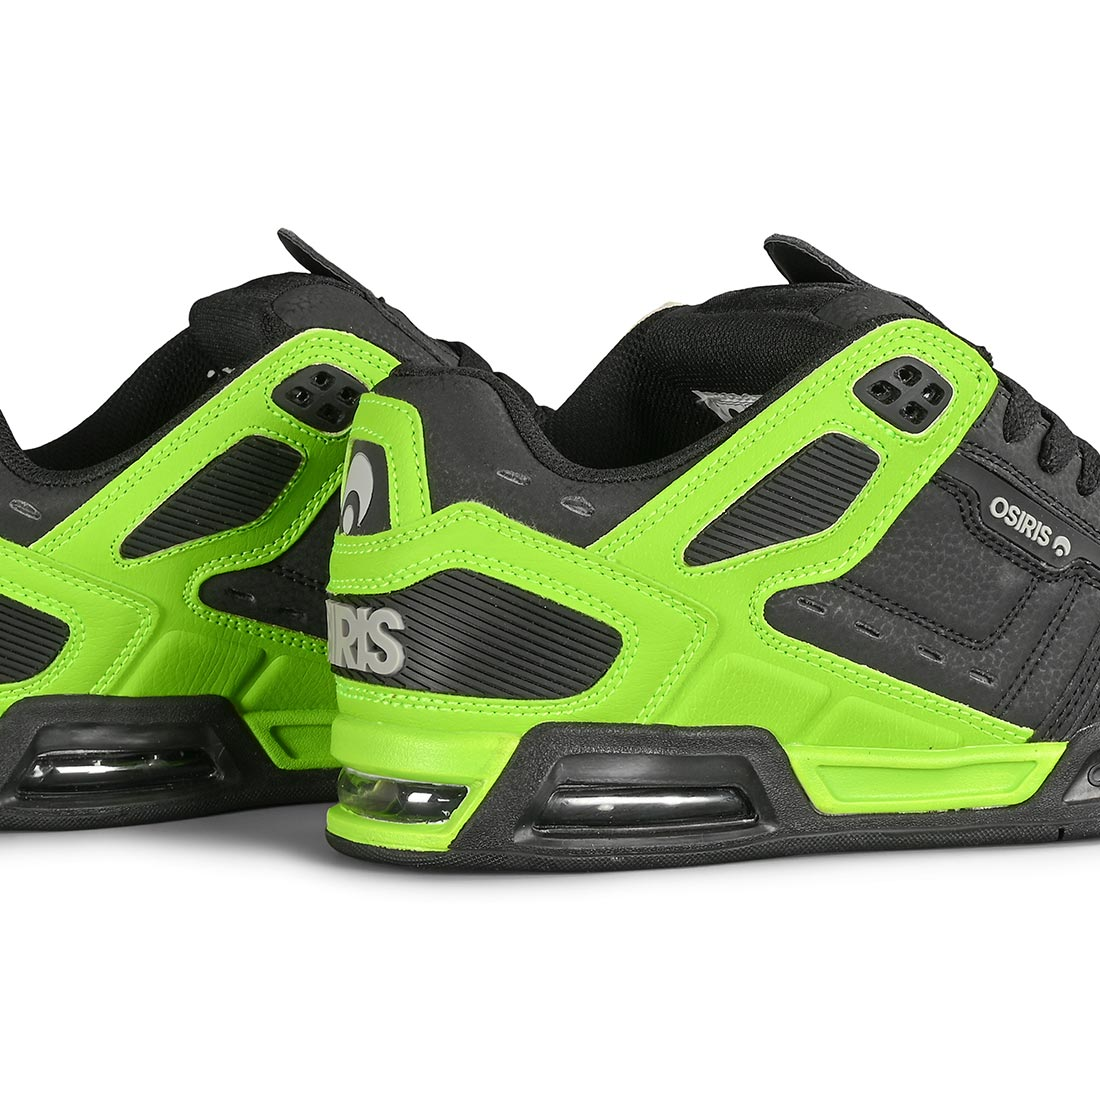 Osiris Peril Skate Shoes - Black / Lt